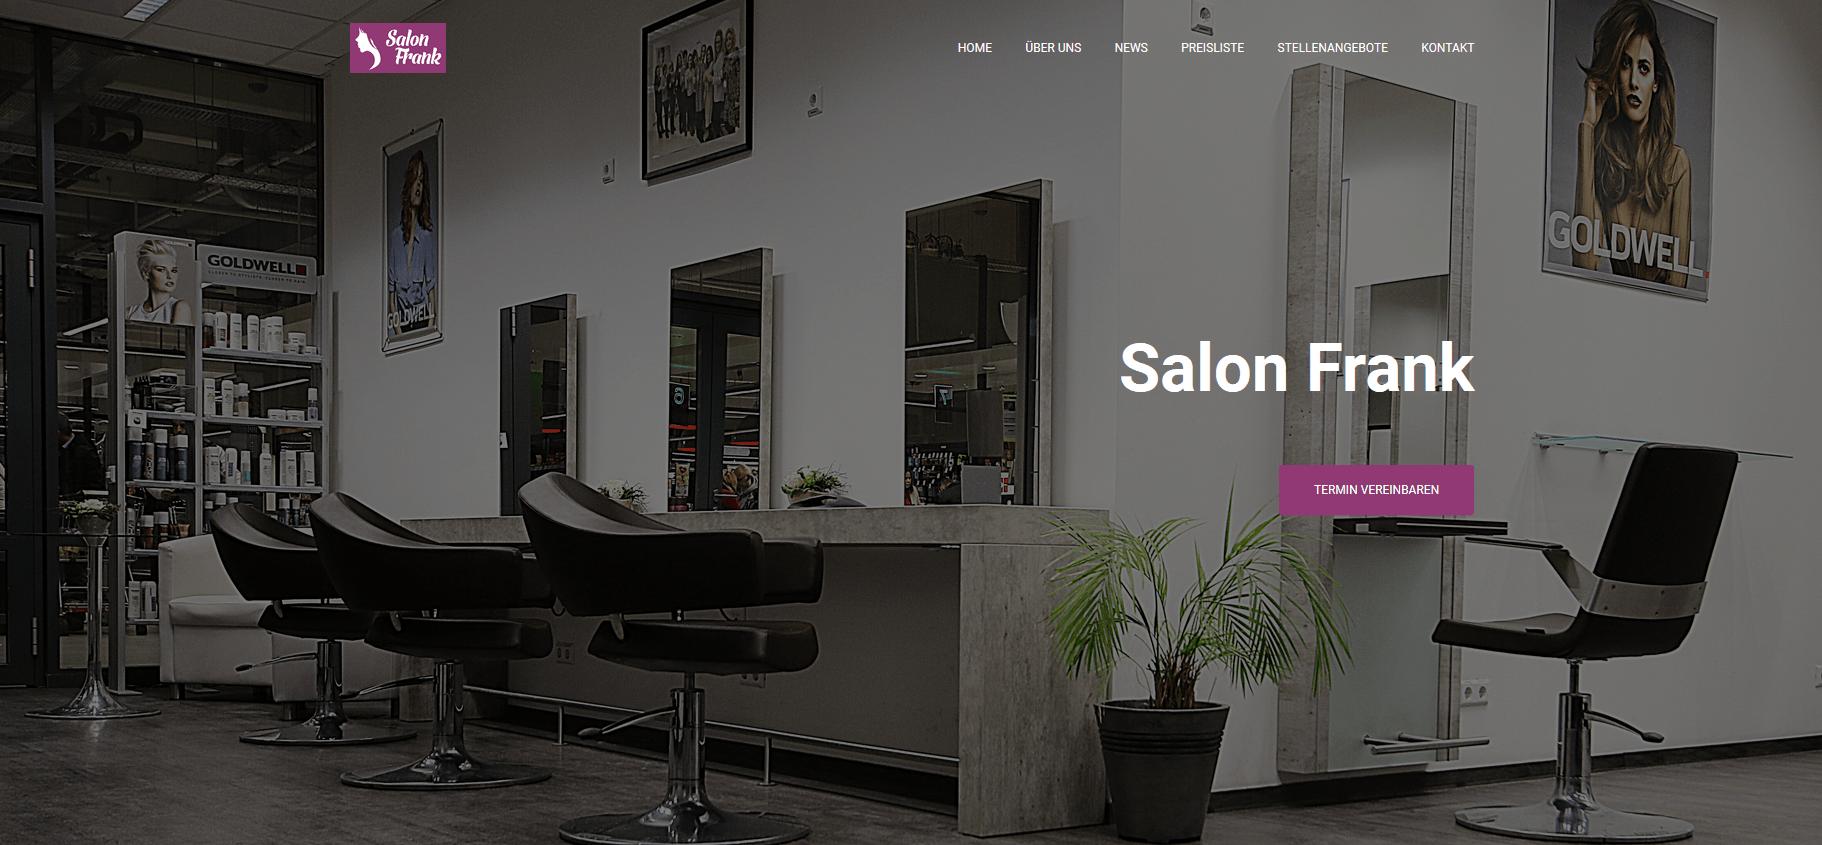 Salon Frank Augsburg Webdesign Augsburg